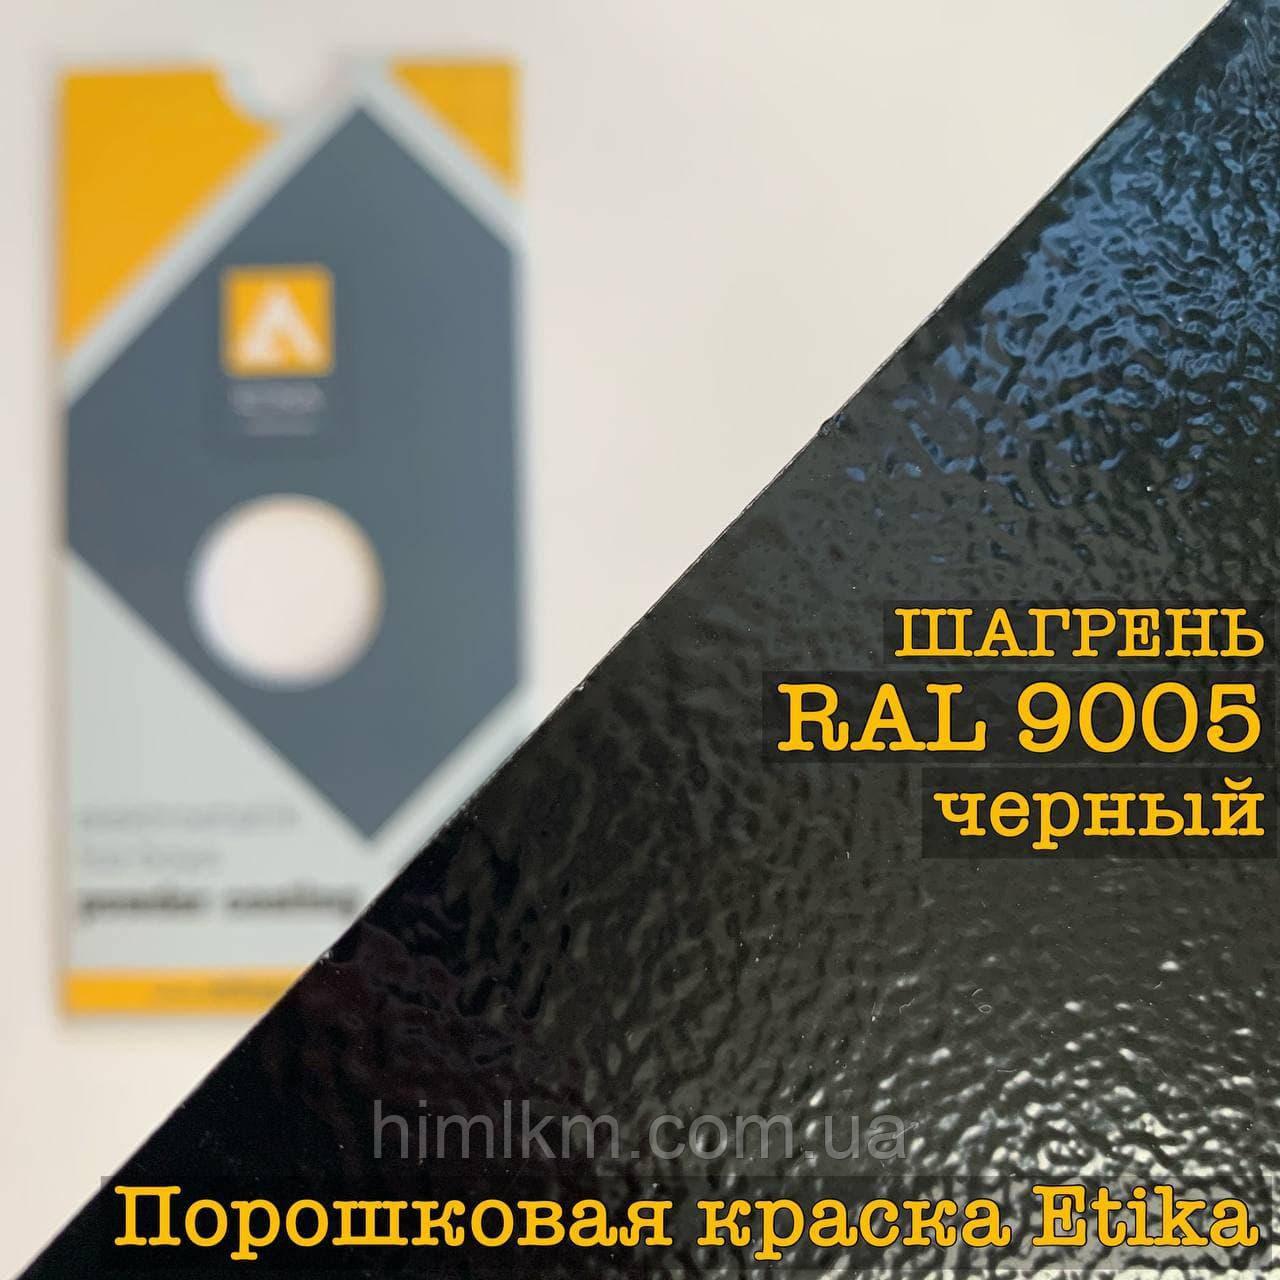 Порошковая краска шагрень RAL 9005 черный, 25кг Etika